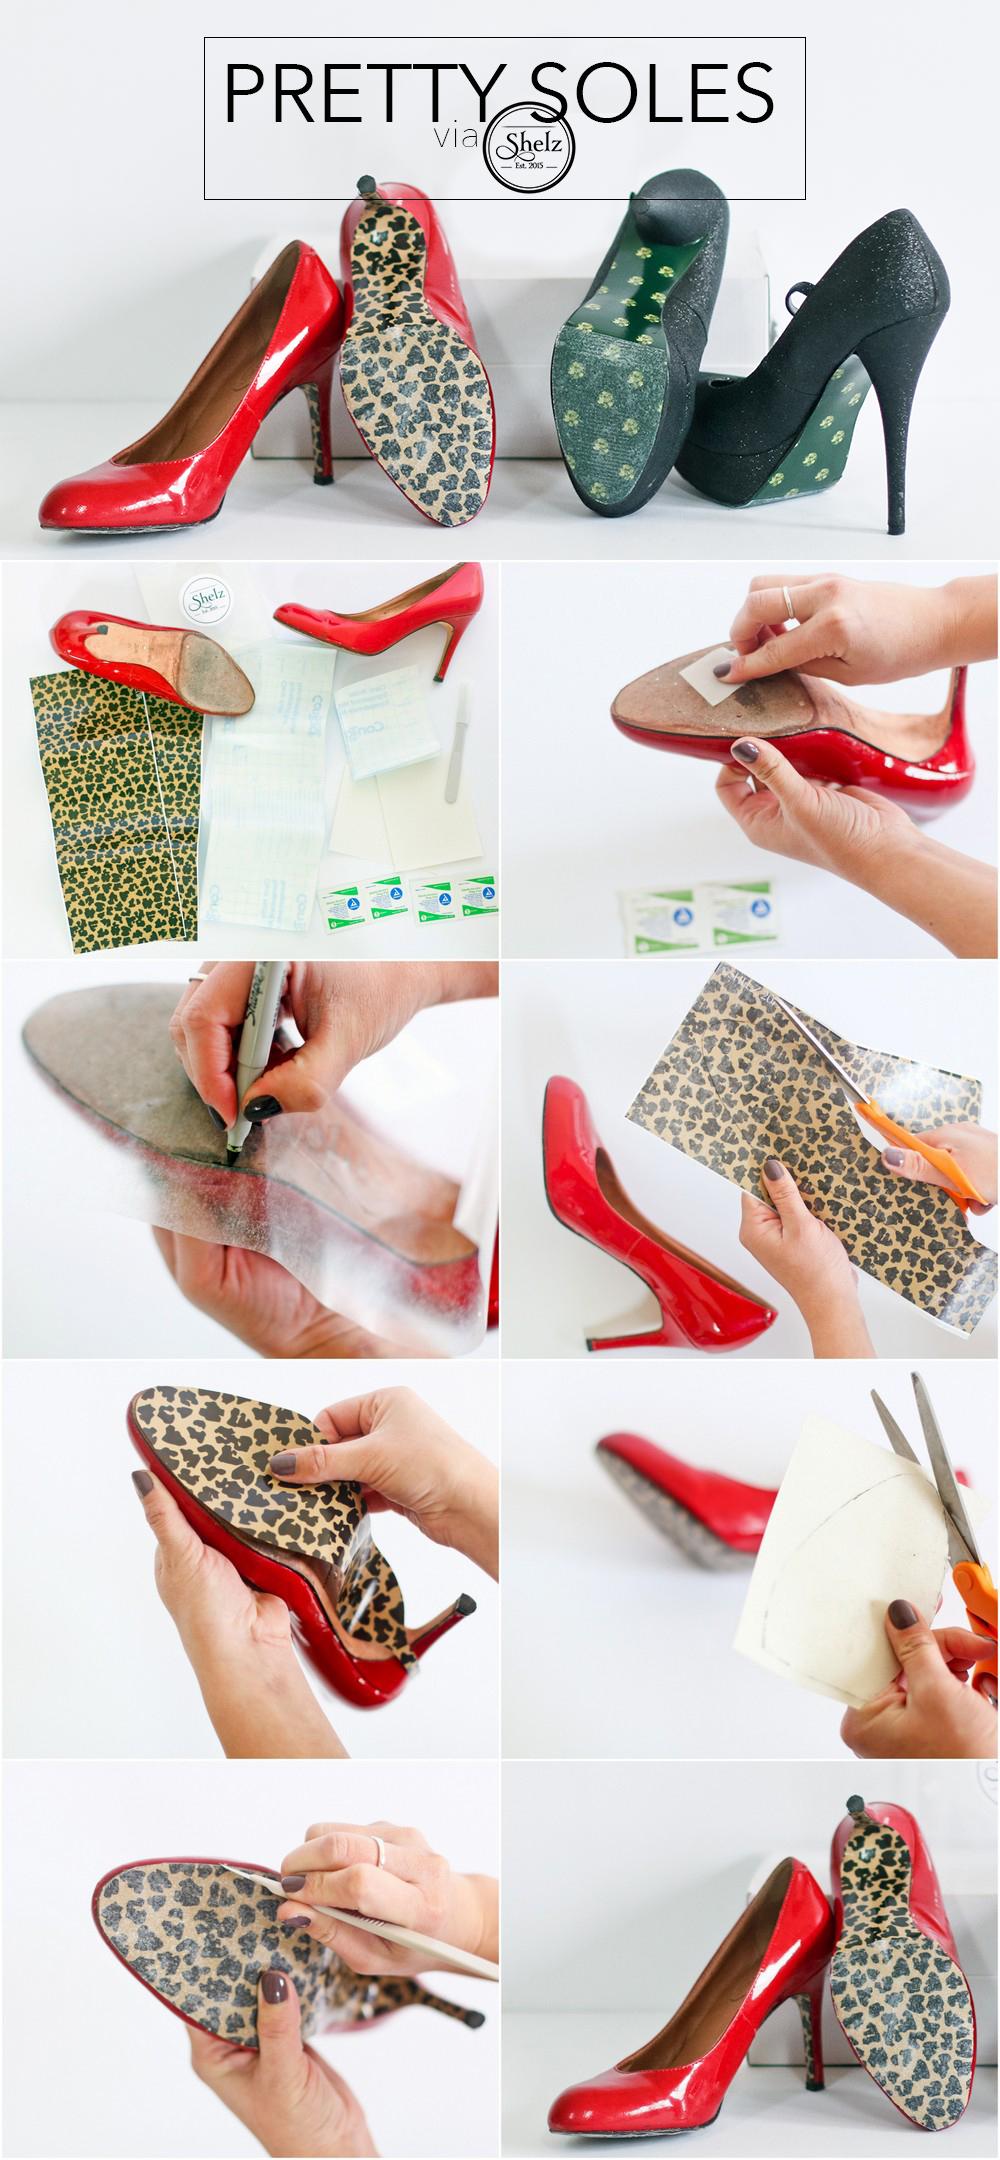 Shelz shoe wraps tutorial